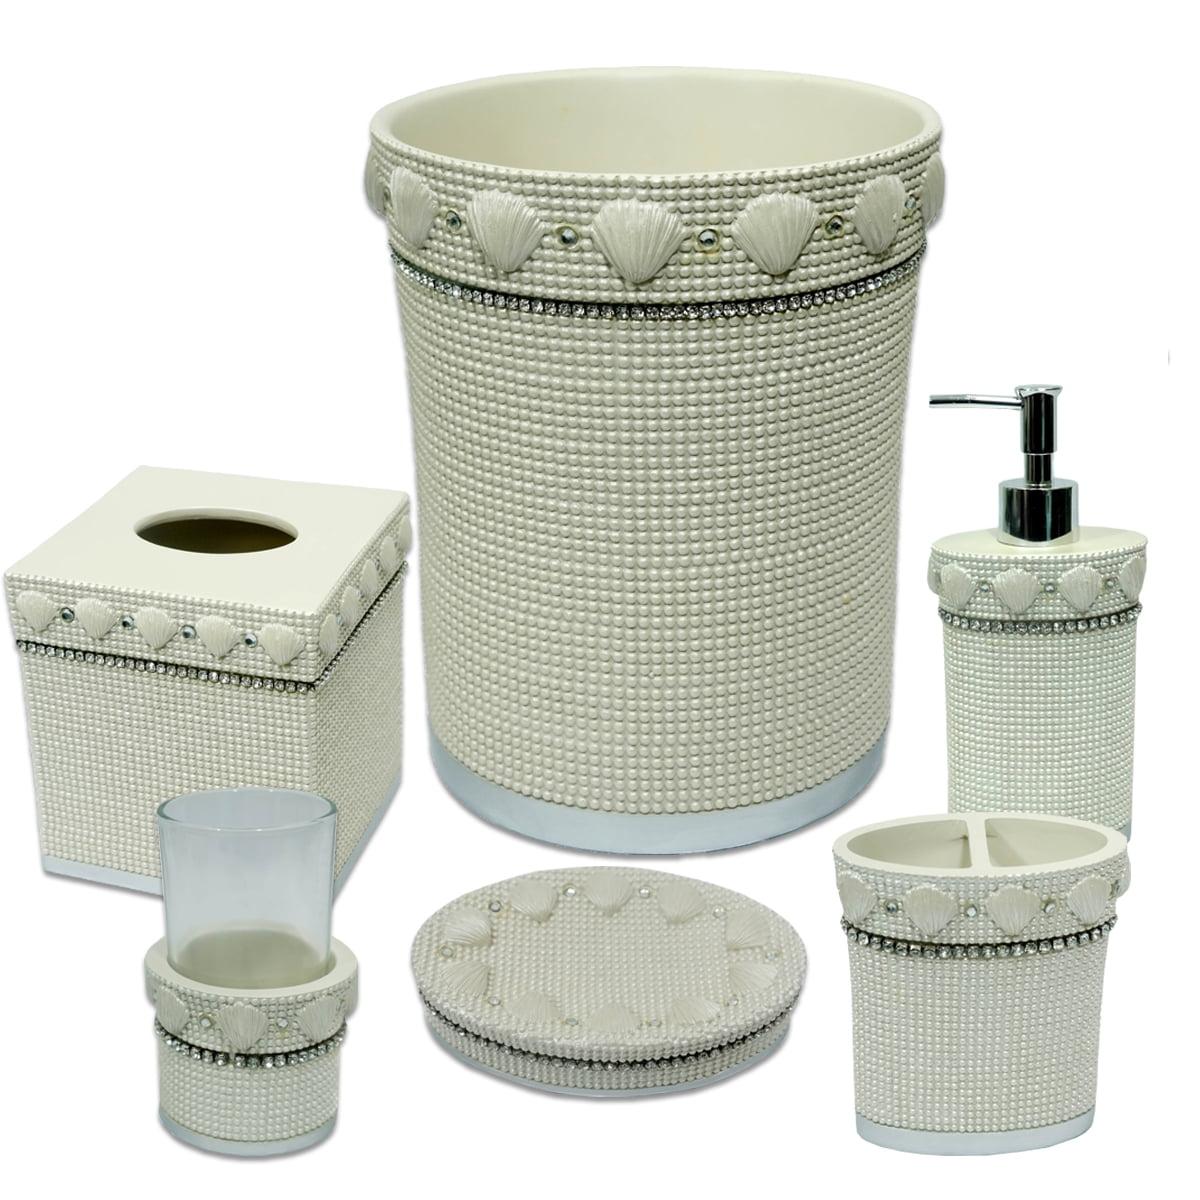 Popular Bath Shells & Diamonds Bathroom 6 Piece Bath Accessory Set- Beige by Popular Bath Products